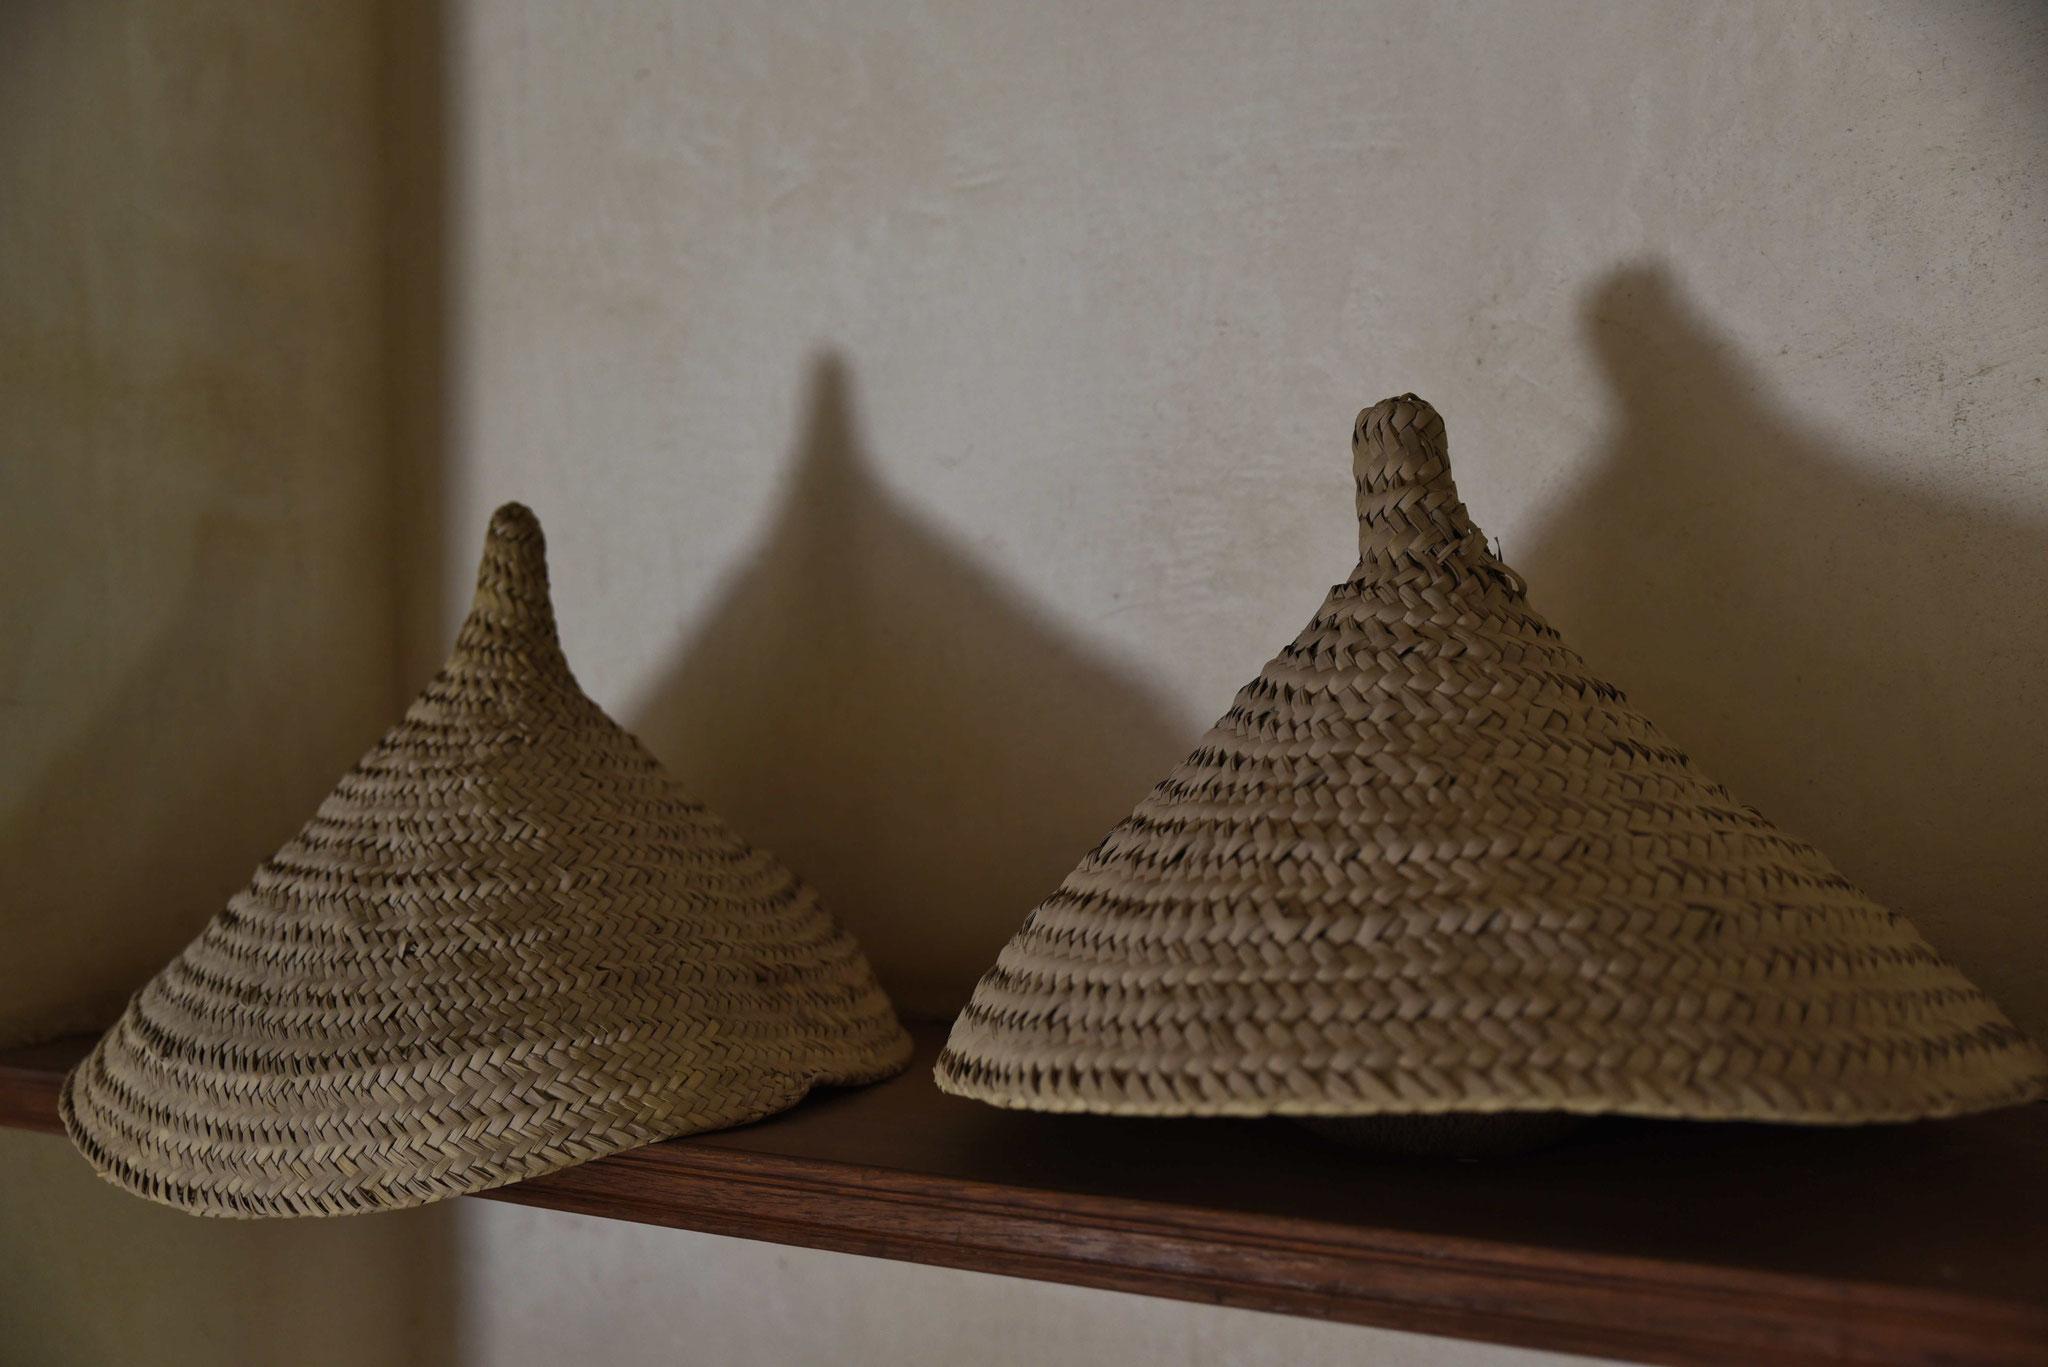 """Umgedreht werden die """"Hüte"""" zum Dattelsammeln verwendet"""